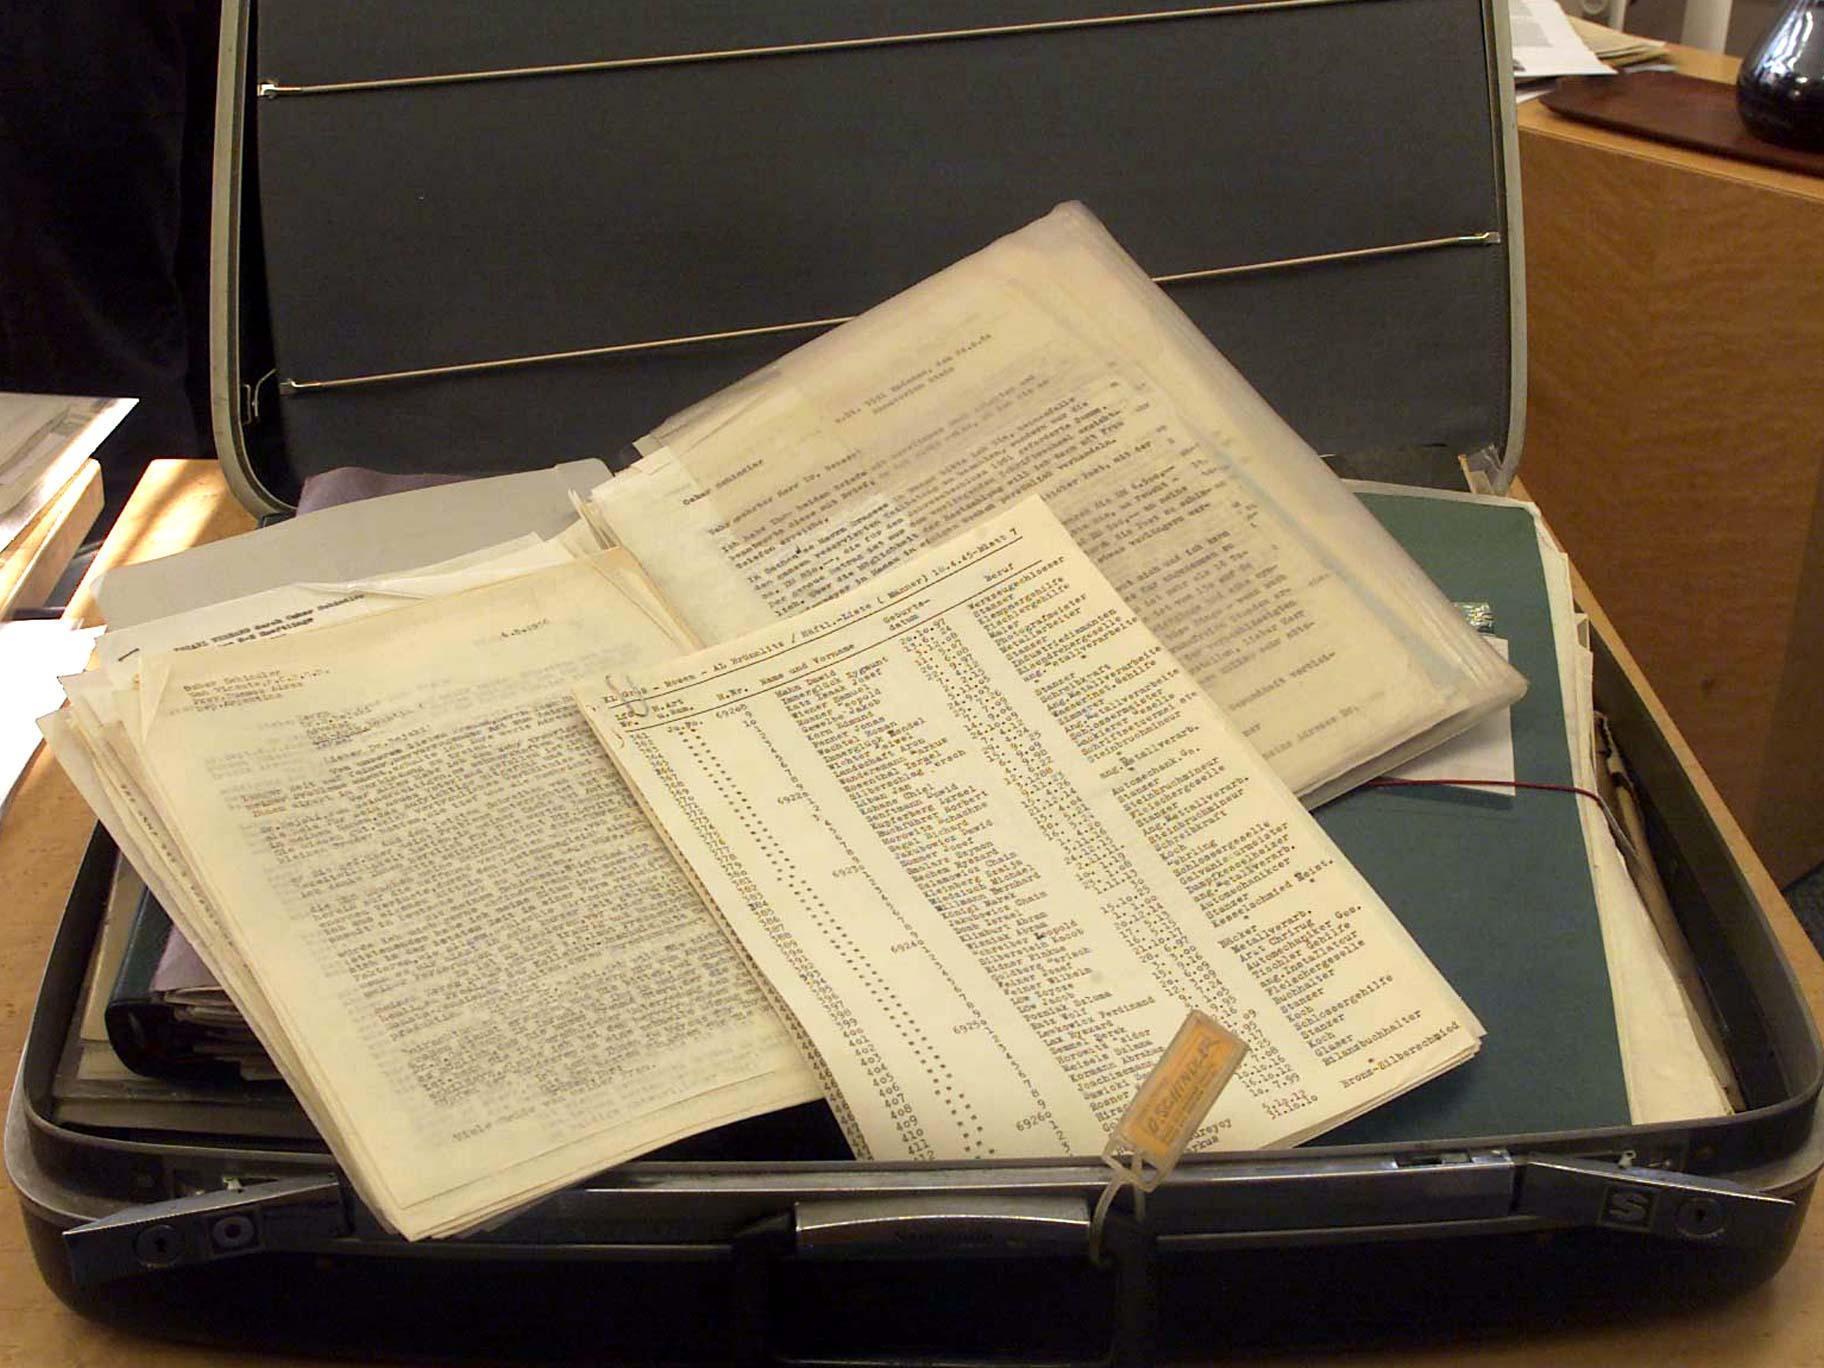 Schindlers Liste: Ein Bild der originalen Kopie der Liste, die die Namen von 1200 geretteten Juden aufführt.